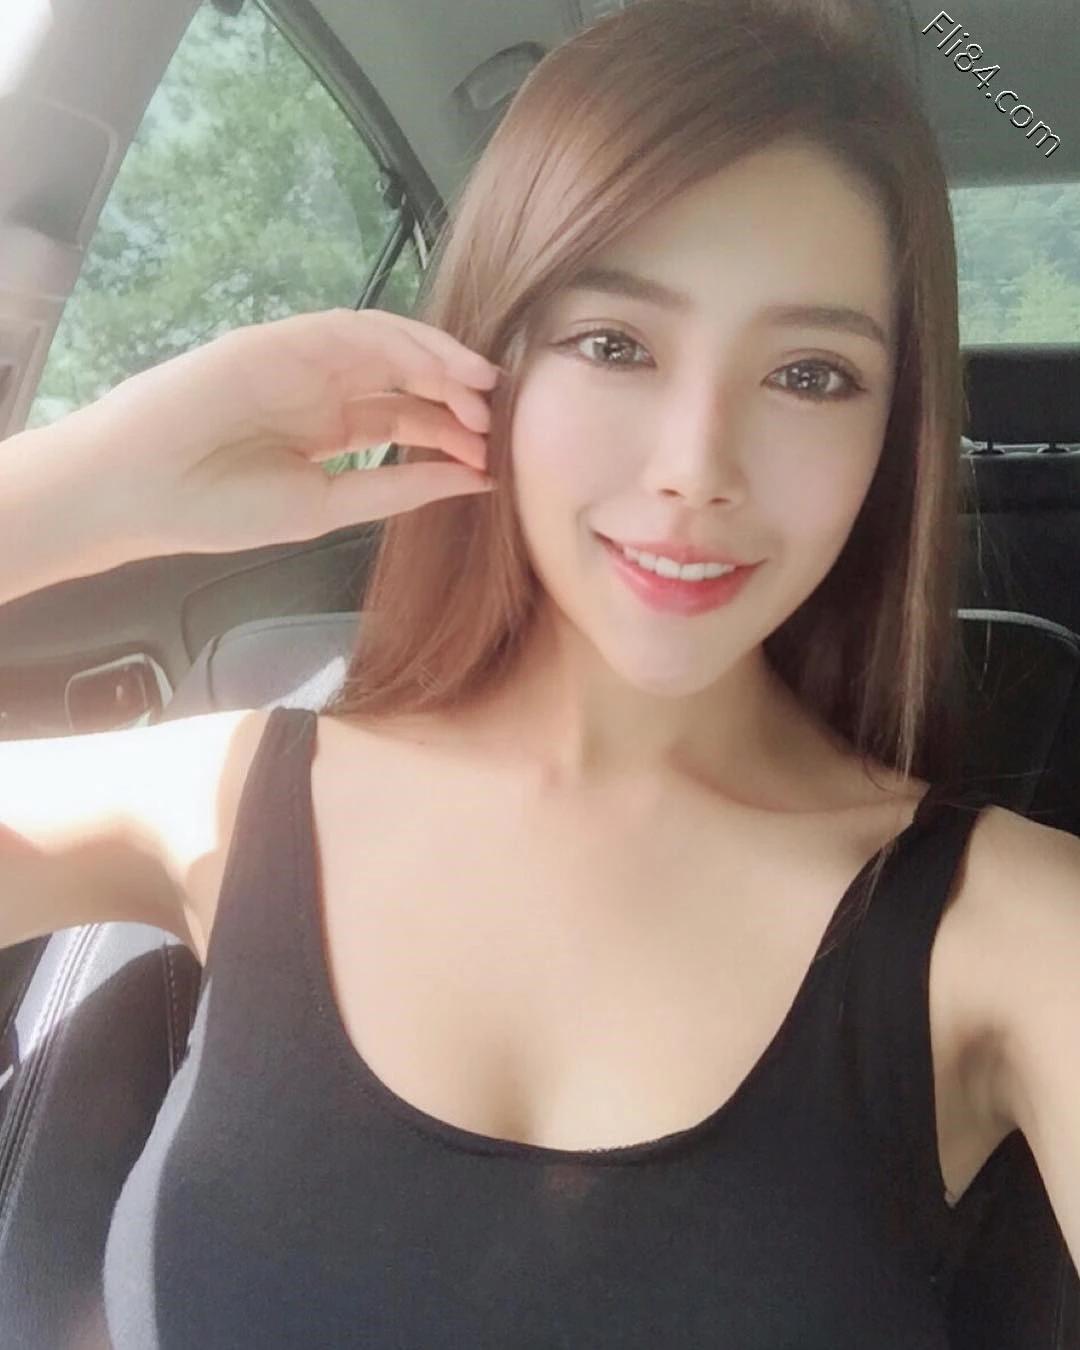 马来西亚的网红娜娜 Hannah 回头率100%的超胸妹子 妹子图 热图6